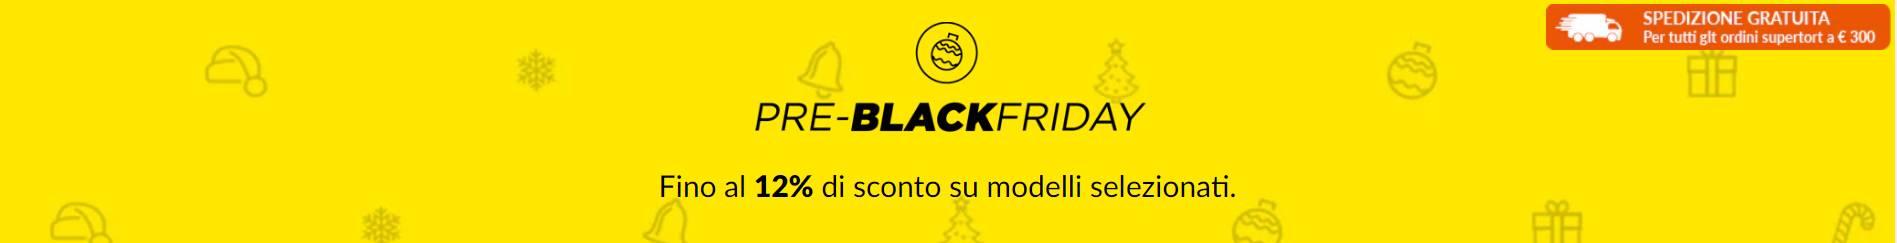 banner lenovo black friday